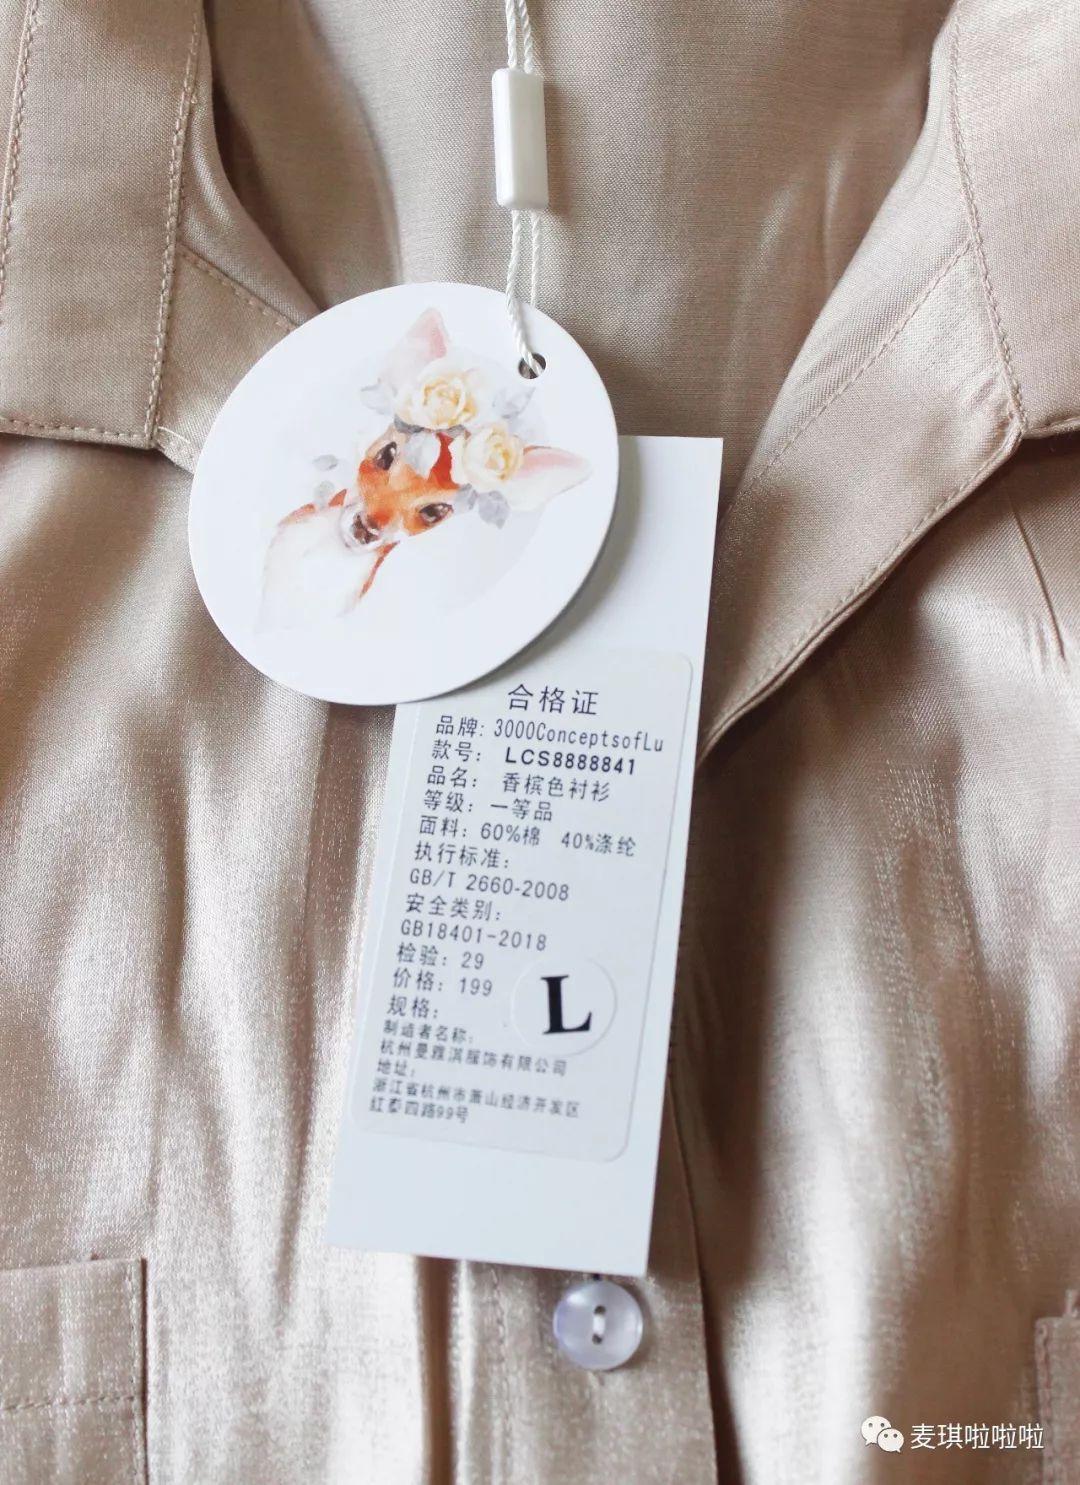 李小璐淘宝店铺(揭晓李小璐淘店服装内幕)